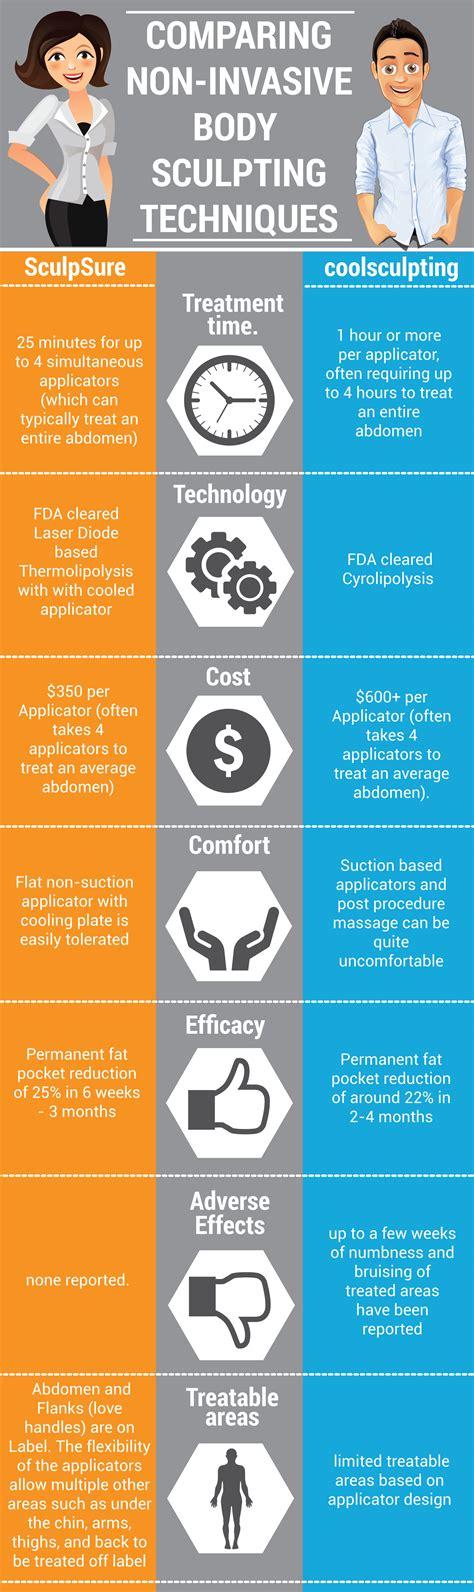 lipo light vs coolsculpting get the skinny on sculpsure vs coolsculpting procedures